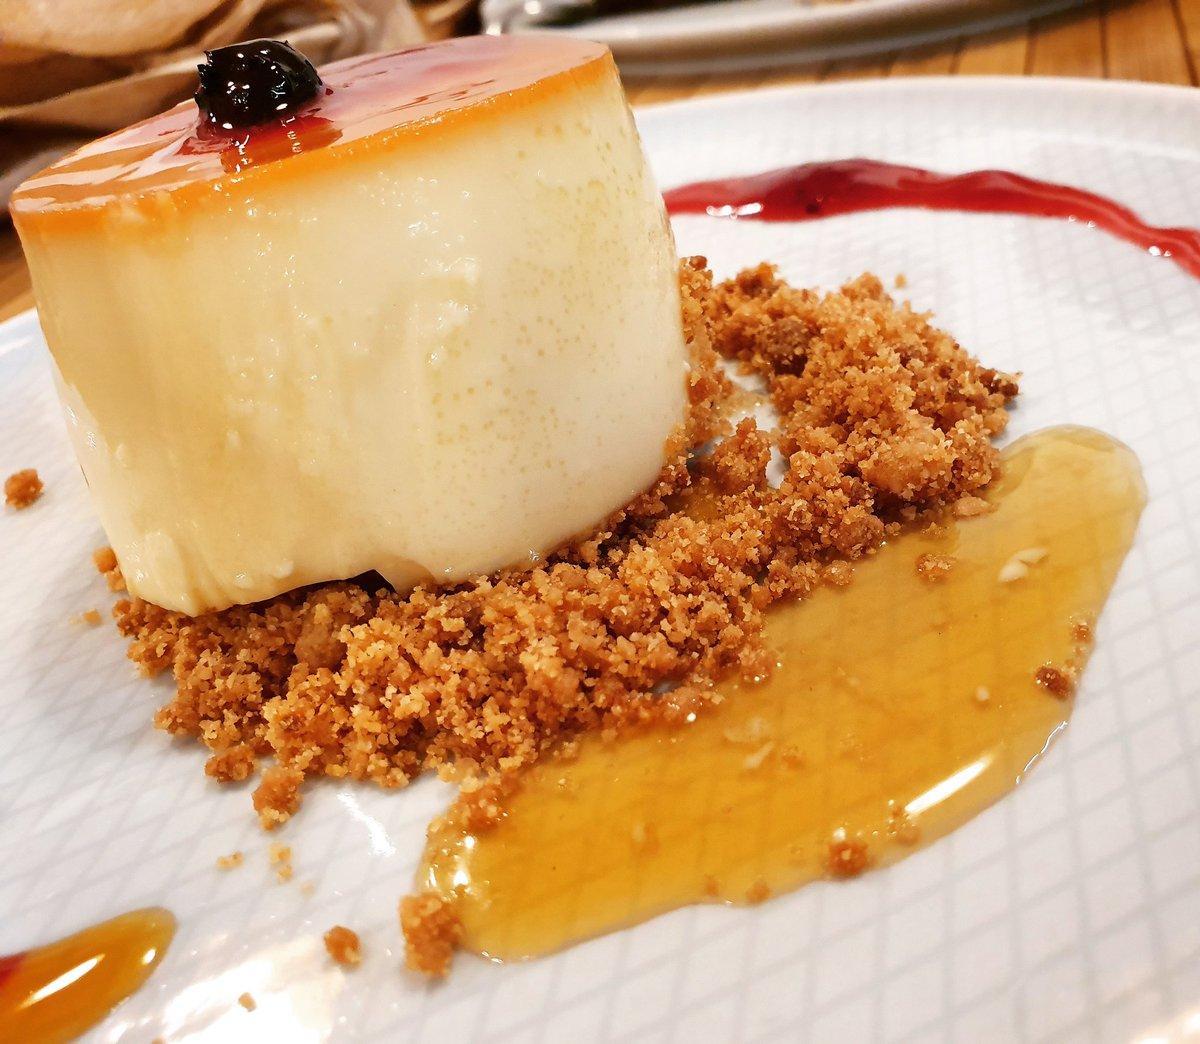 #flan de #mascarpone de @filipecomeybebe en #vigo 😋😋😋 #vigosecome #dondecomer #comerenvigo #vigocity #riasbaixas #gastroigers #gastronomia #gastrosensaciones #galicia #vigomola #galiciamola #restaurantes #foodies #foodplaces #foodlovers